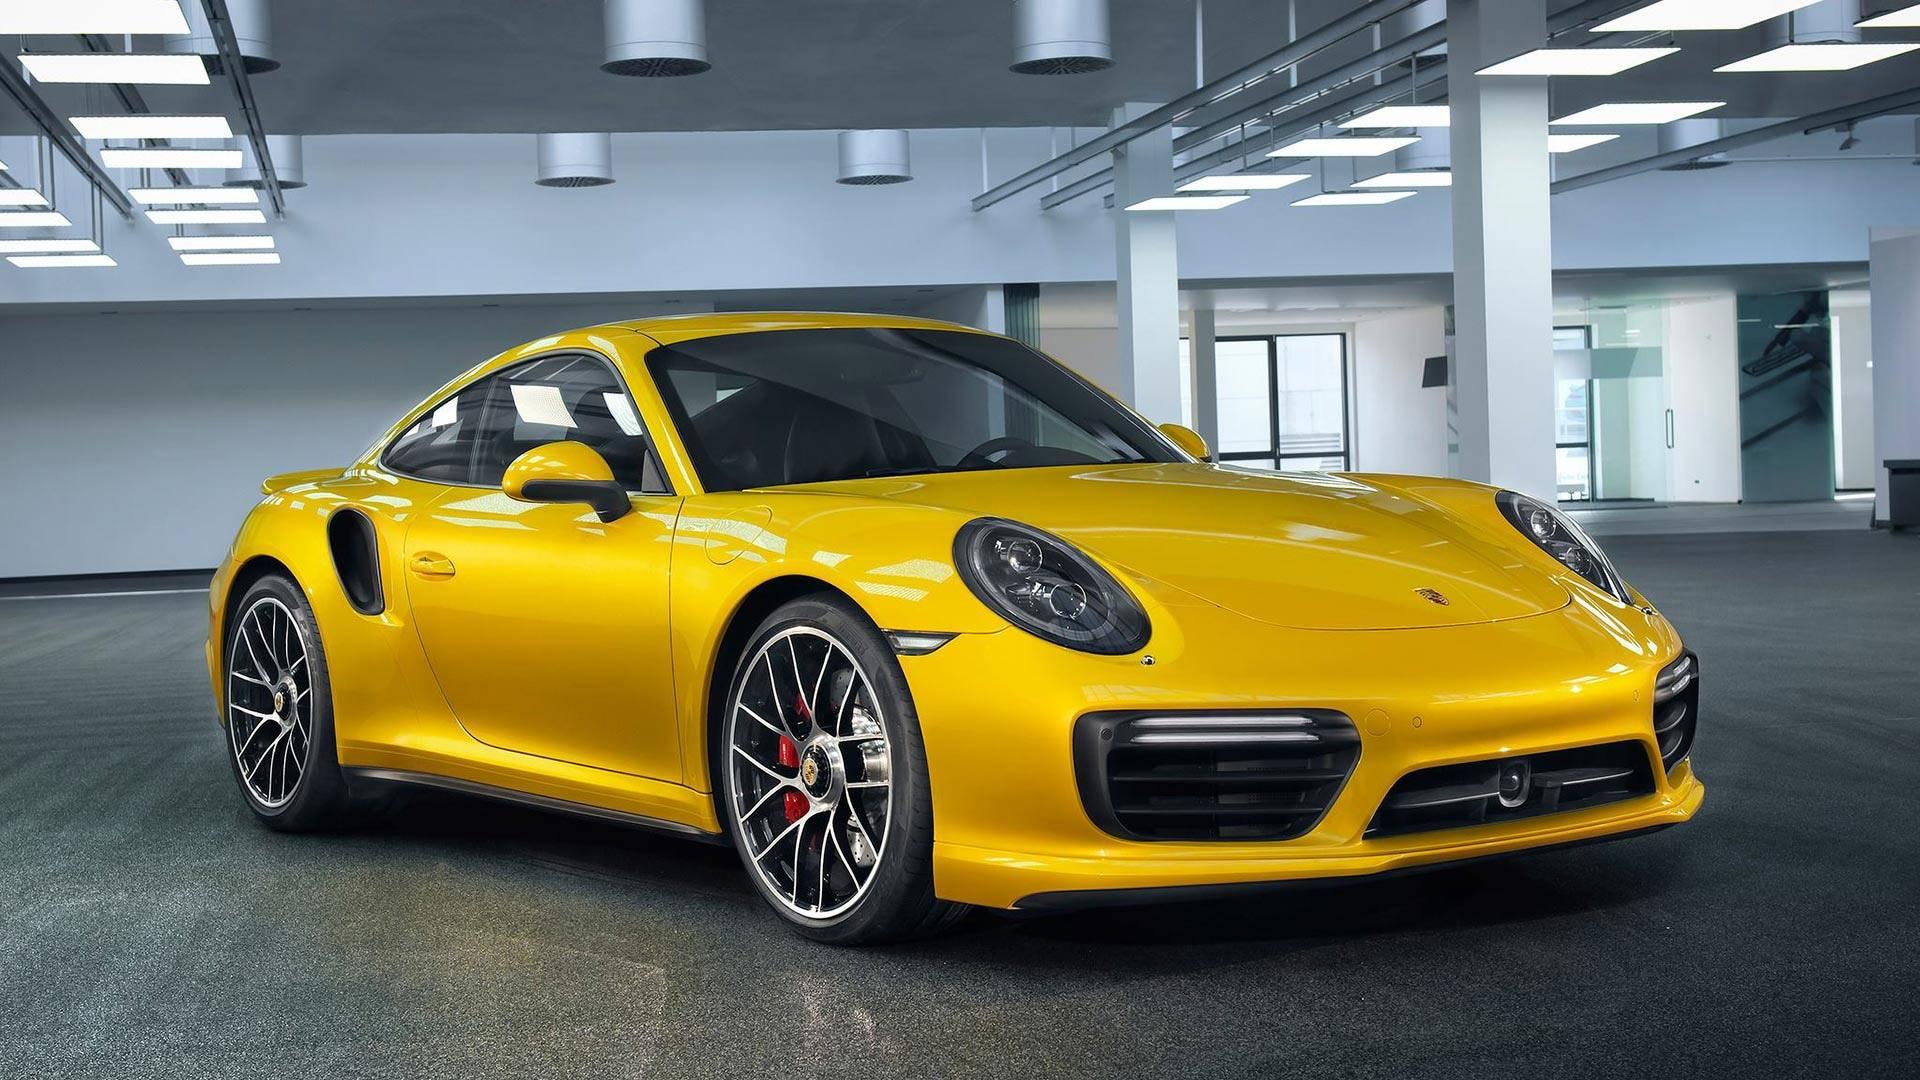 porsche-911-turbo-yellow-saffron-metalli